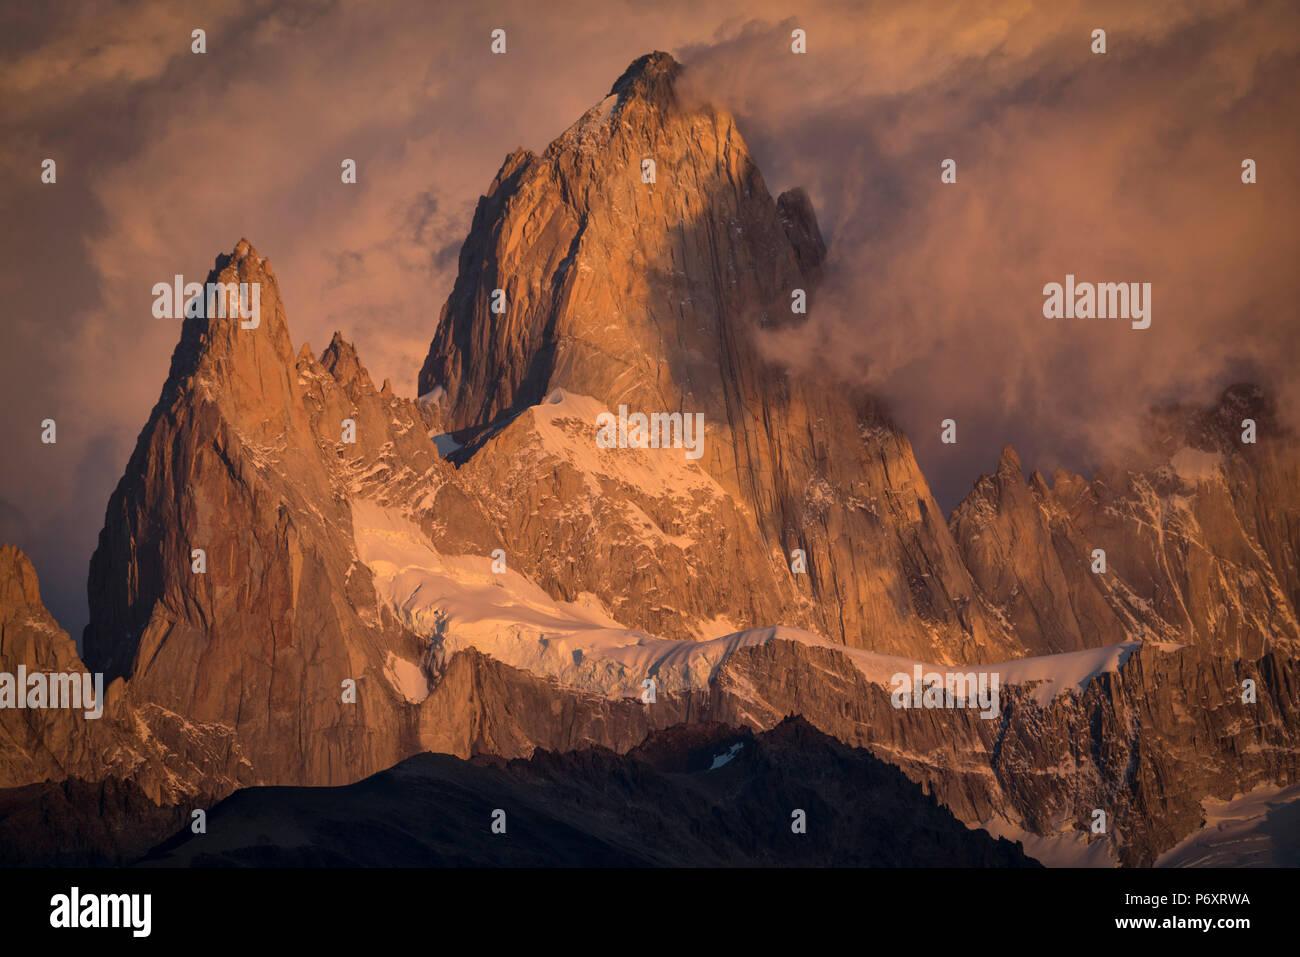 América del Sur, Patagonia, Argentina, El Chalten, Cerro Fitz Roy, en el Parque Nacional Los Glaciares Foto de stock